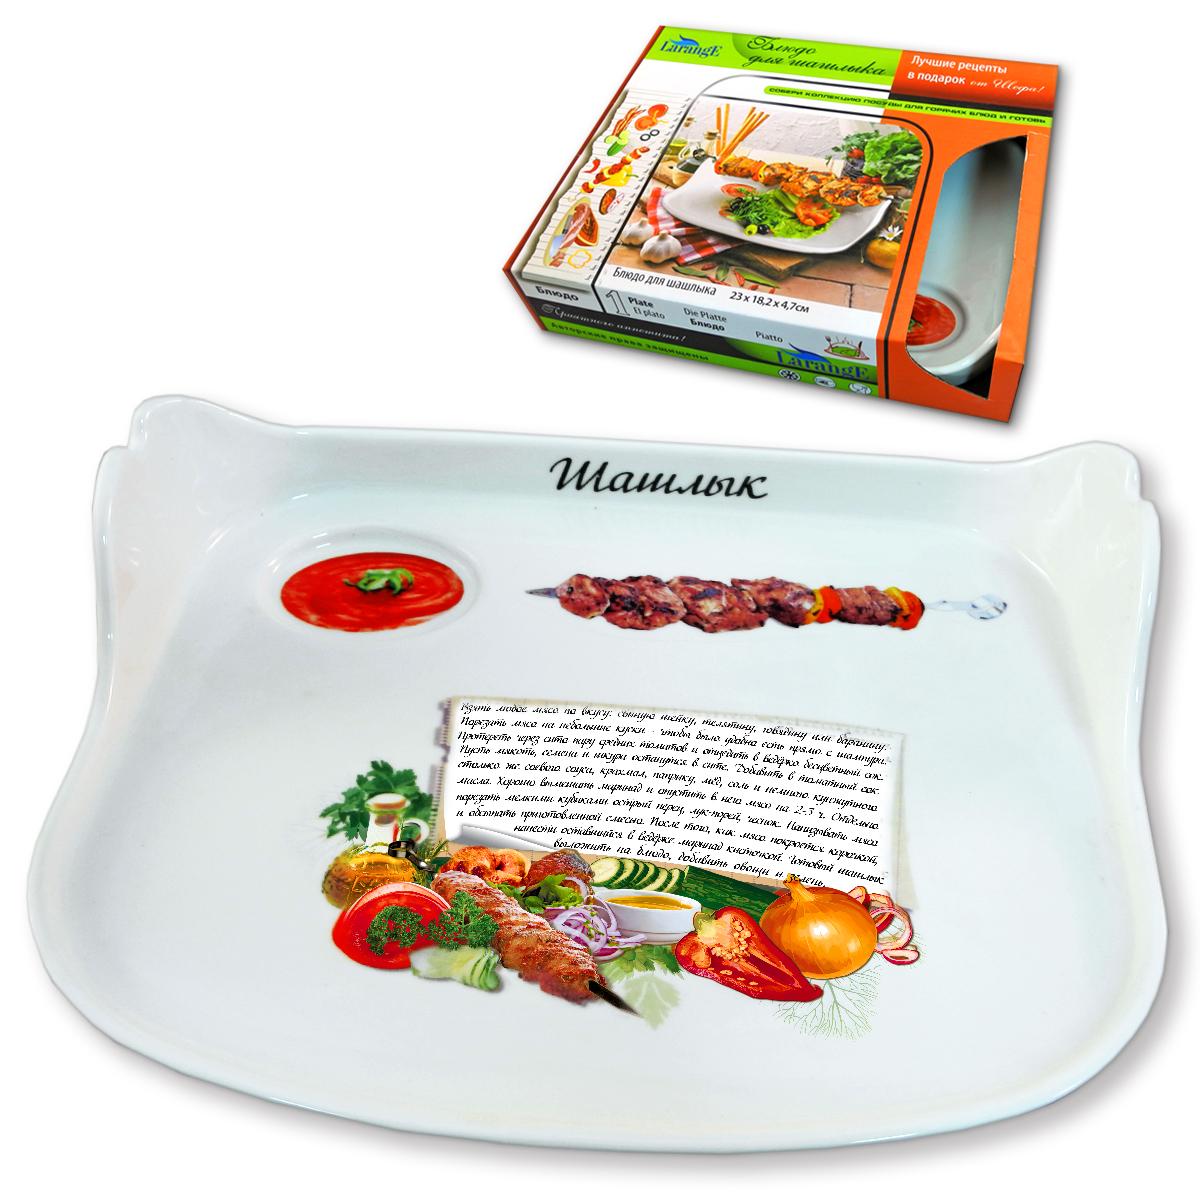 Блюдо для шашлыка LarangE Микс-шашлык, 22 х 18 х 5 см блюдо для сосисок larange веселый завтрак с кошечкой 20 5 см х 19 см